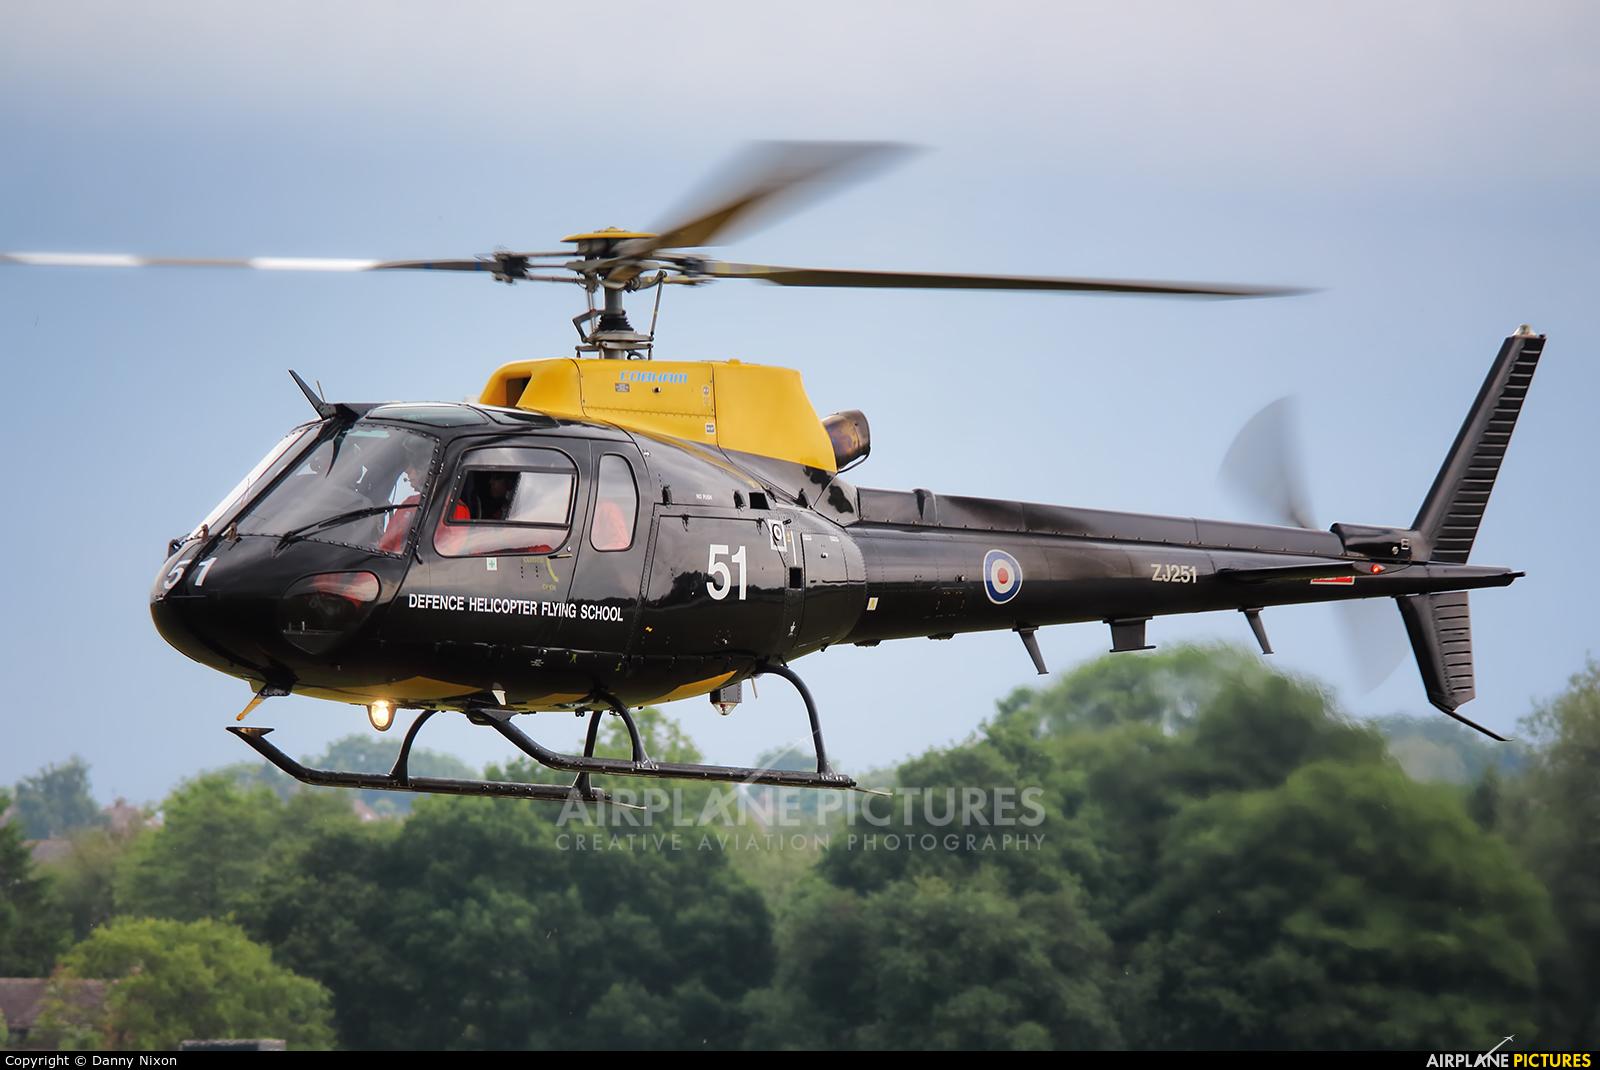 Royal Air Force ZJ251 aircraft at Cosford